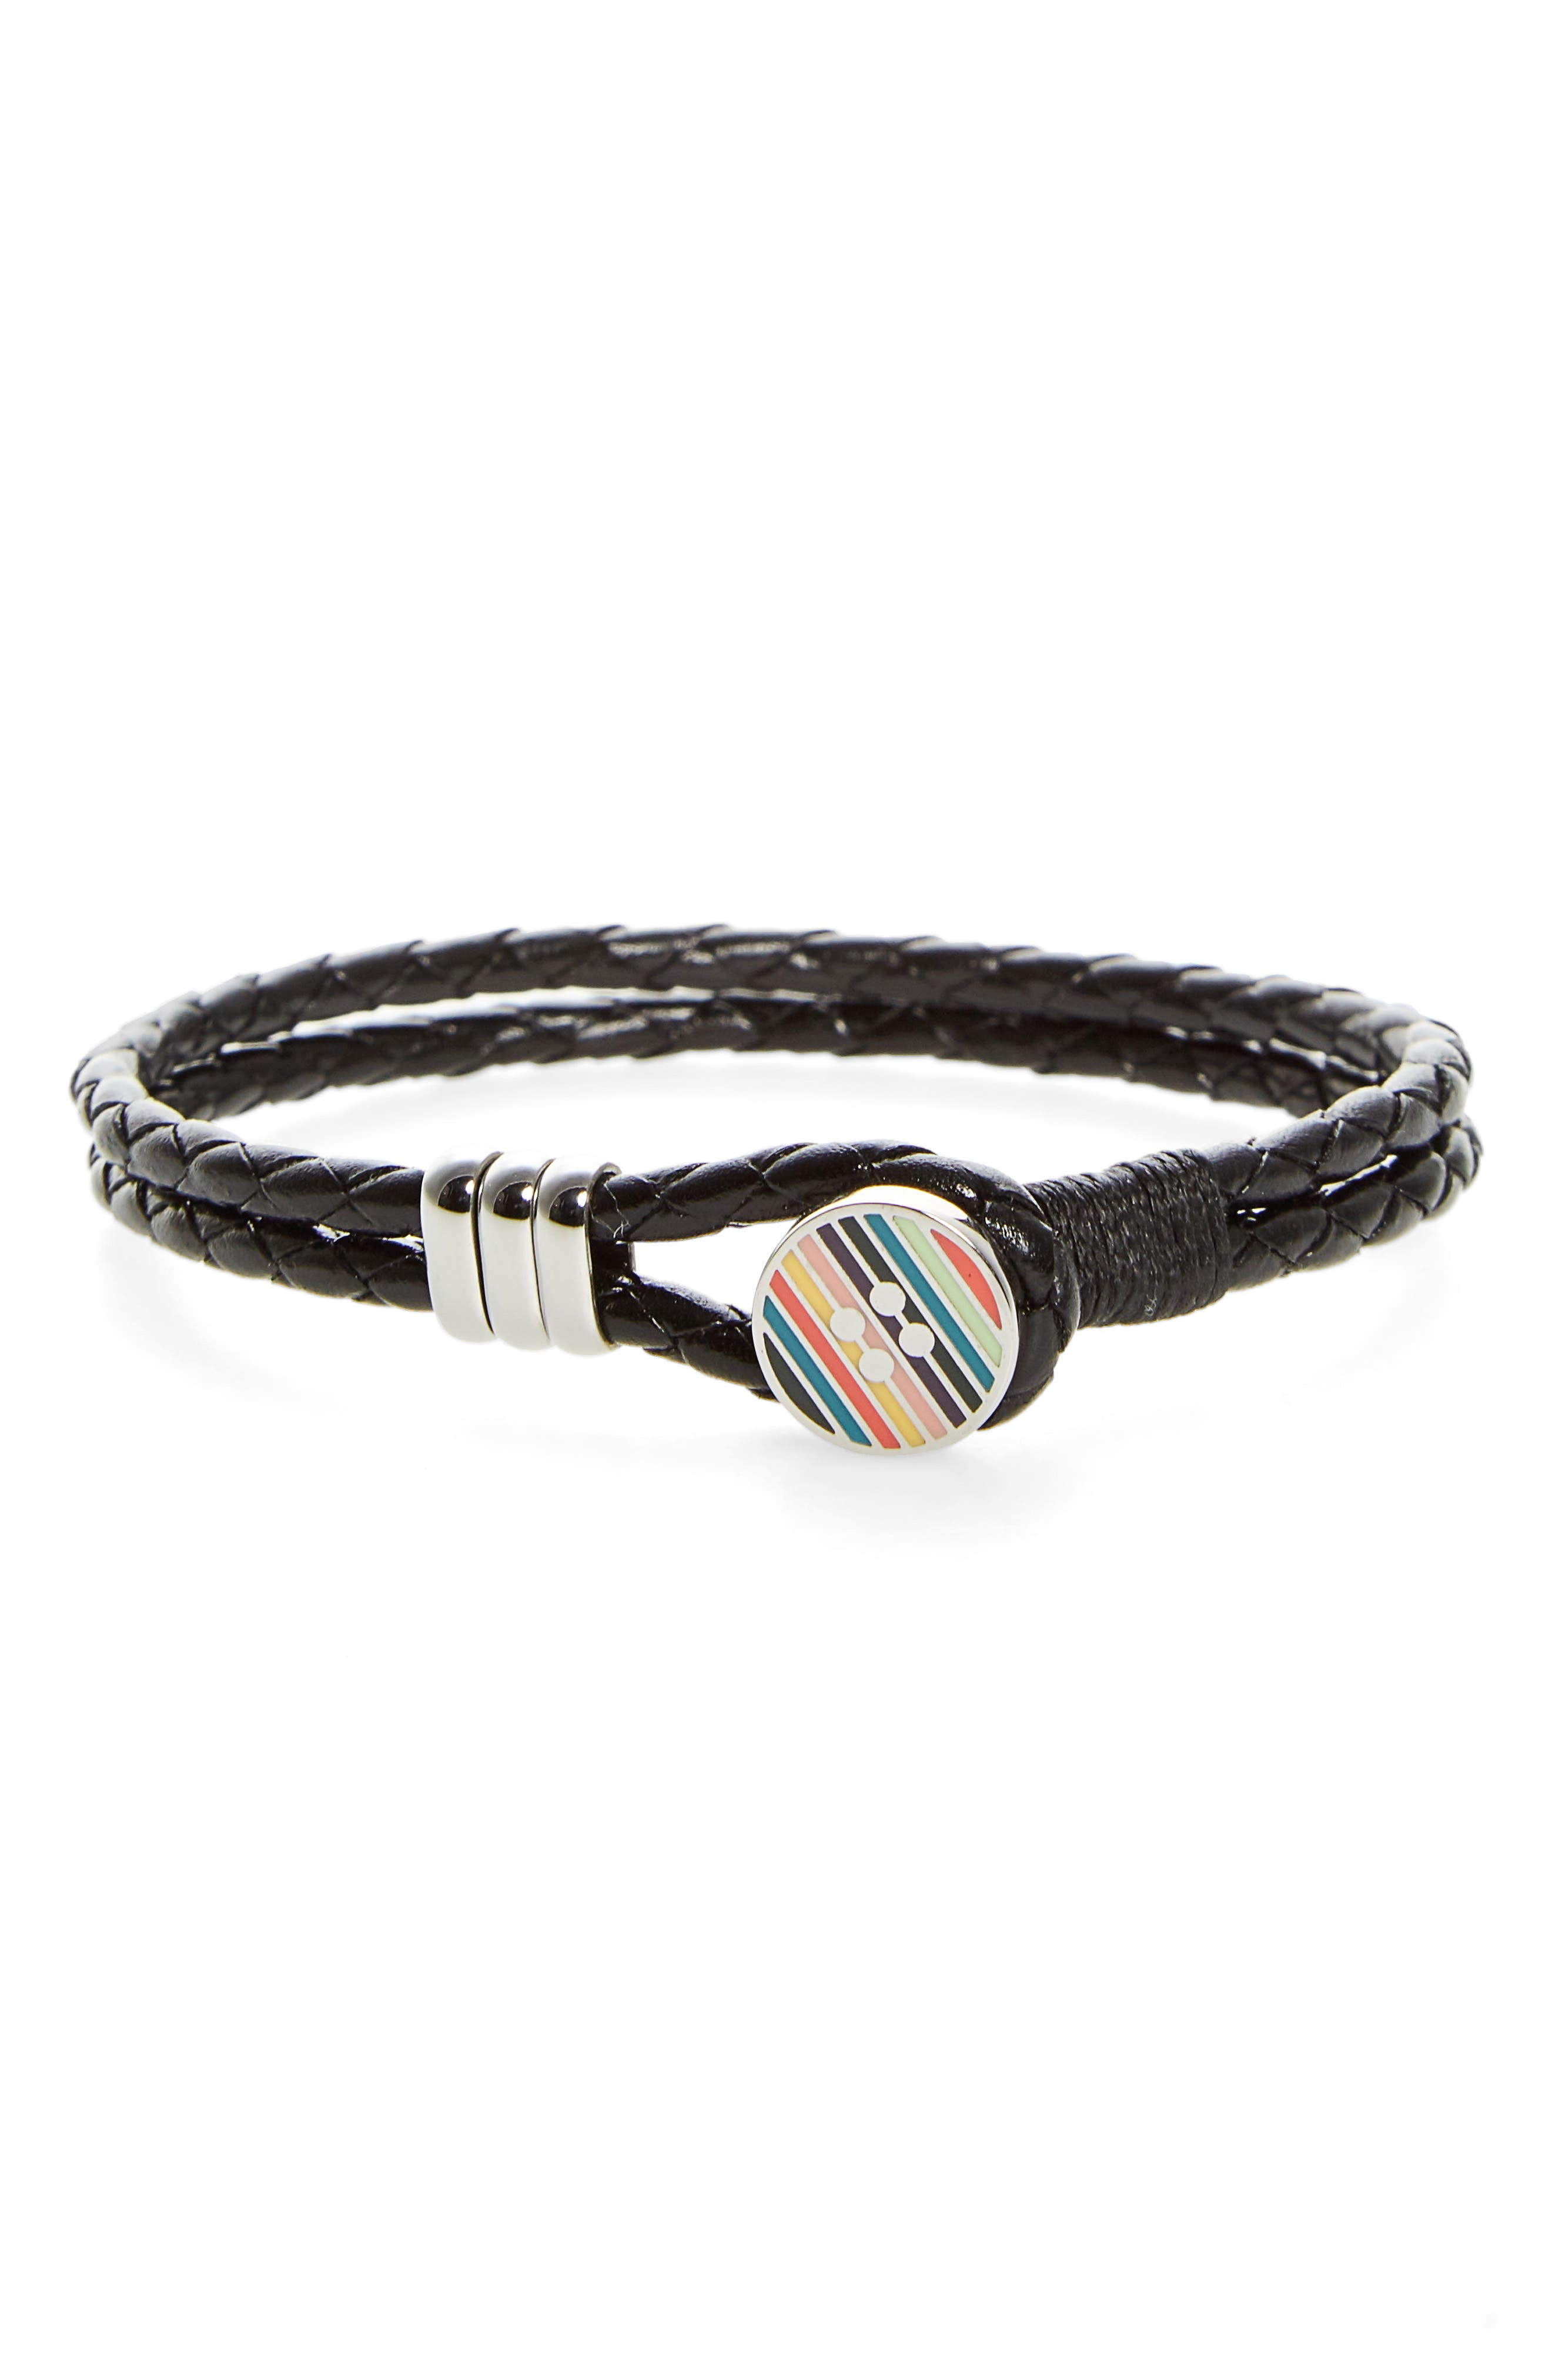 Enamel Button Leather Bracelet,                             Main thumbnail 1, color,                             001